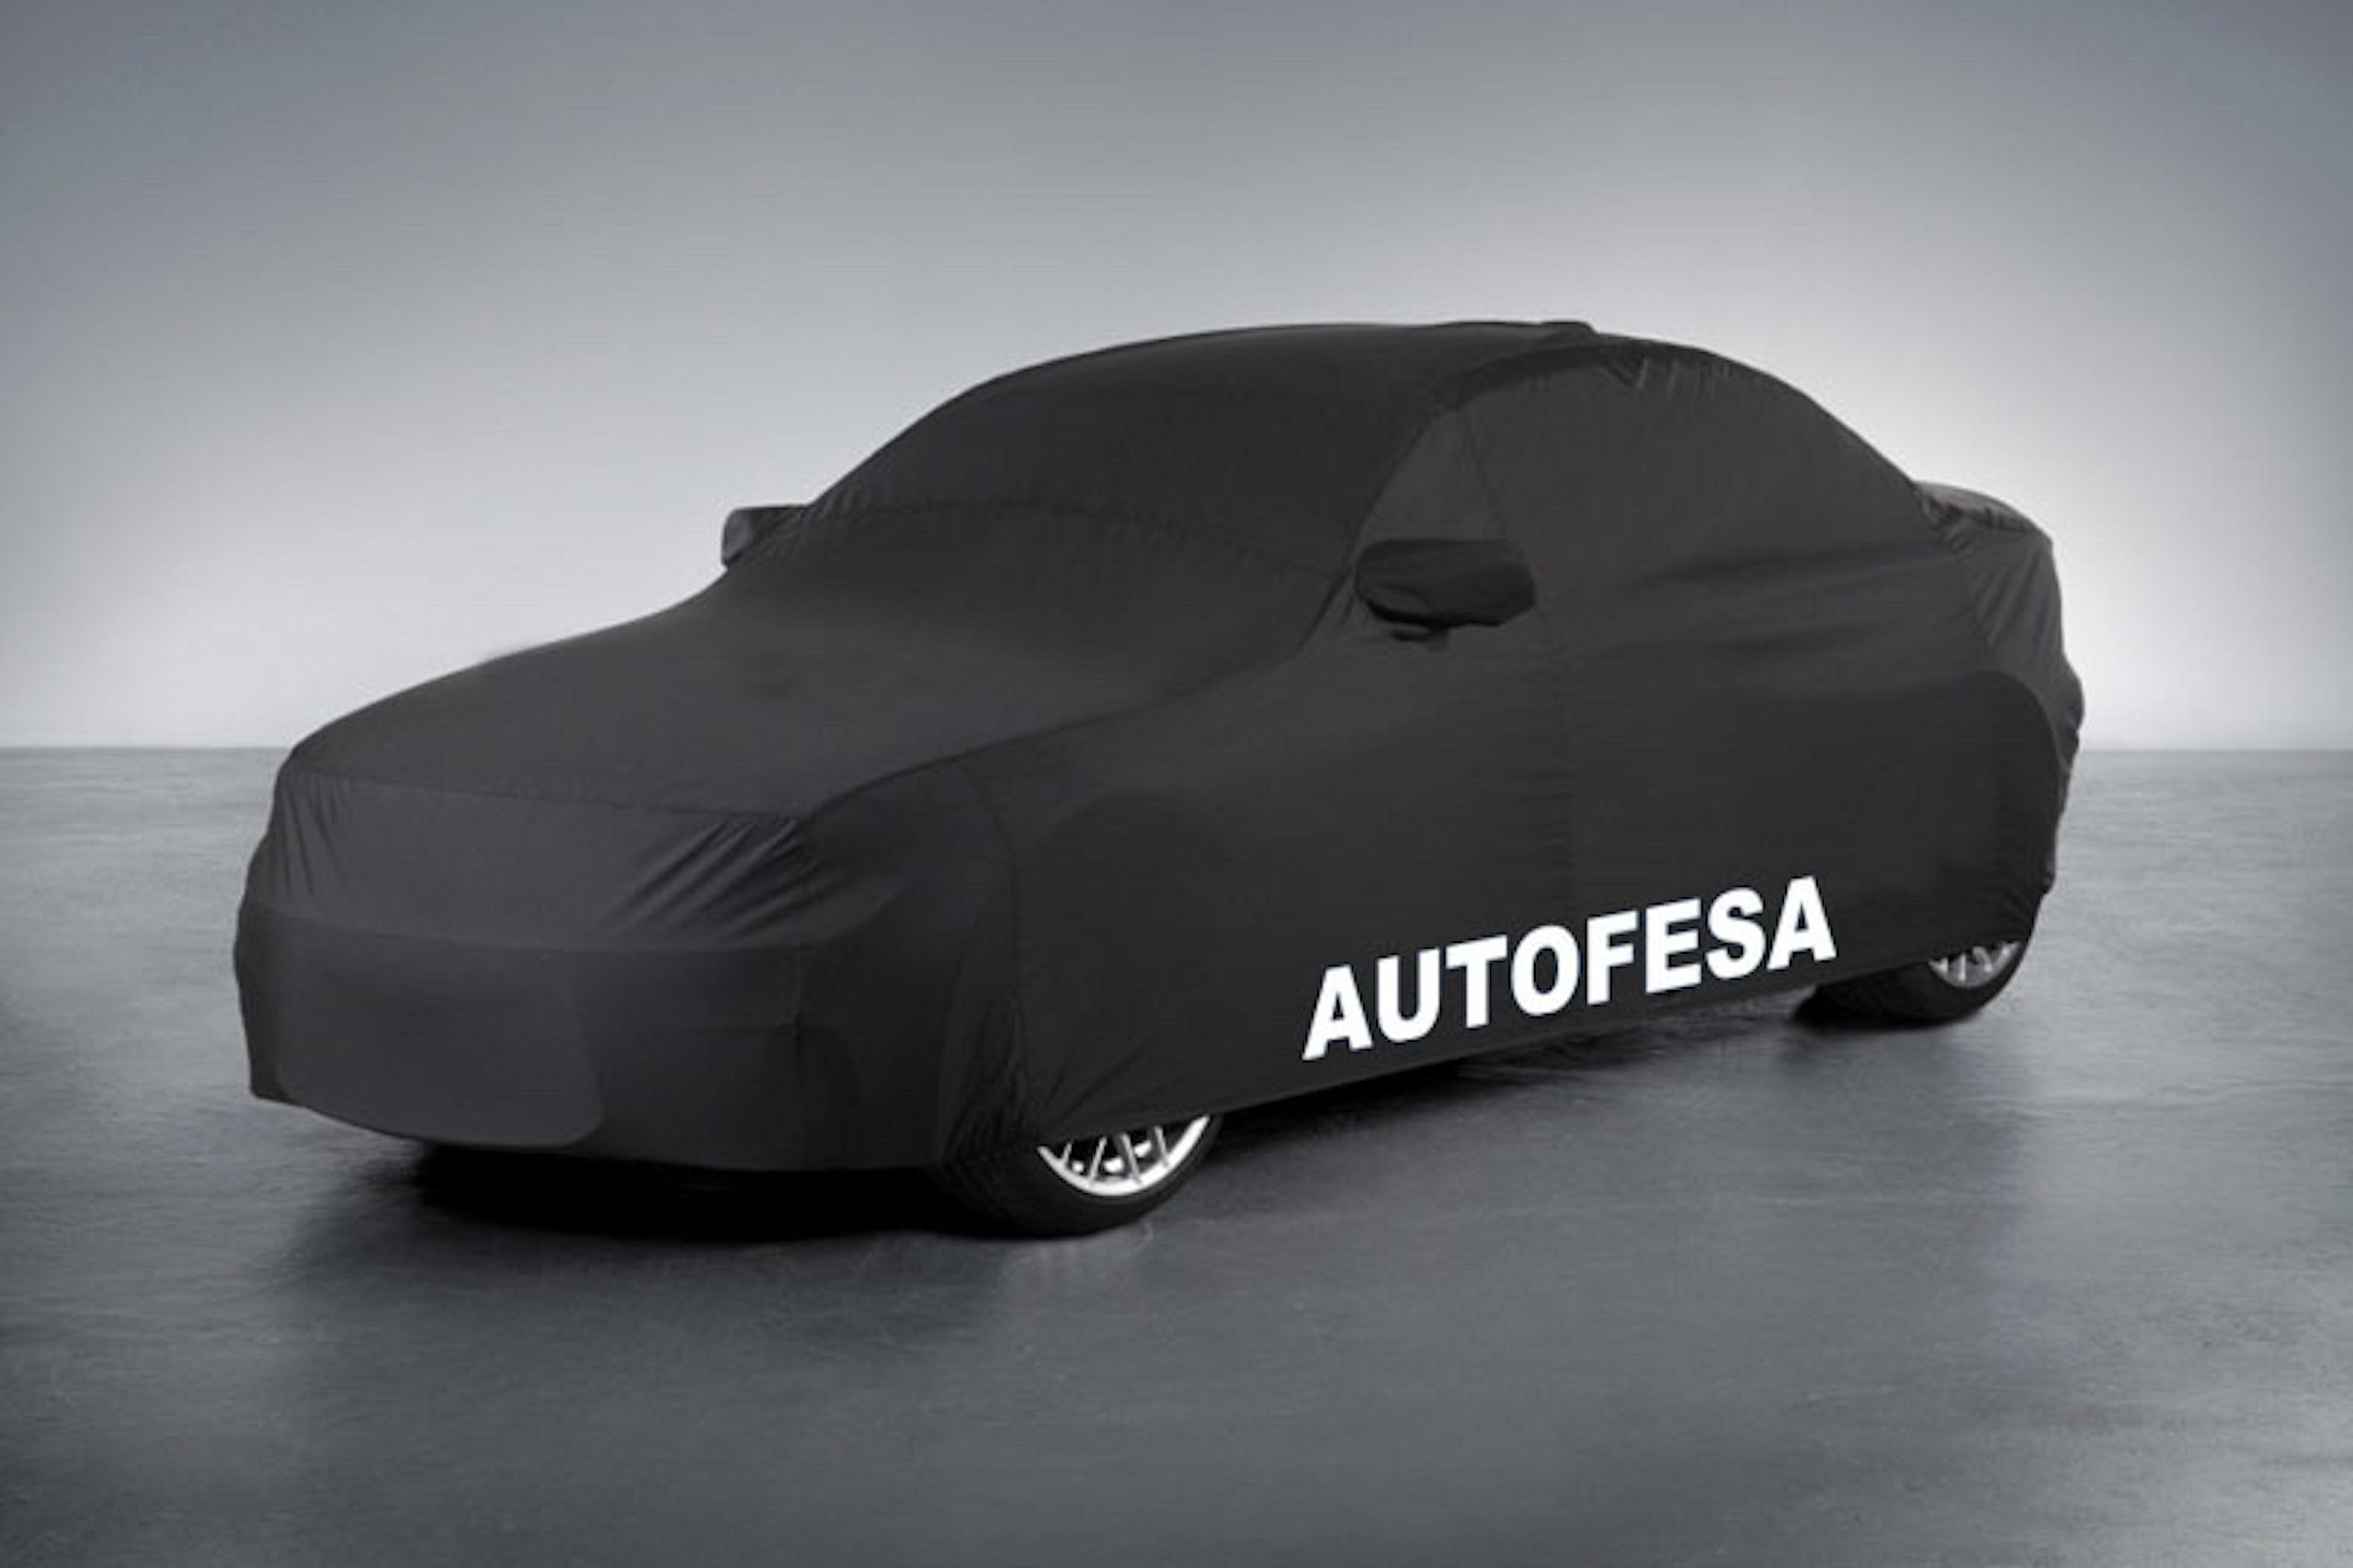 Audi A4 Avant 2.0 TDI 190cv quattro 5p S tronic Auto S/S - Foto 23